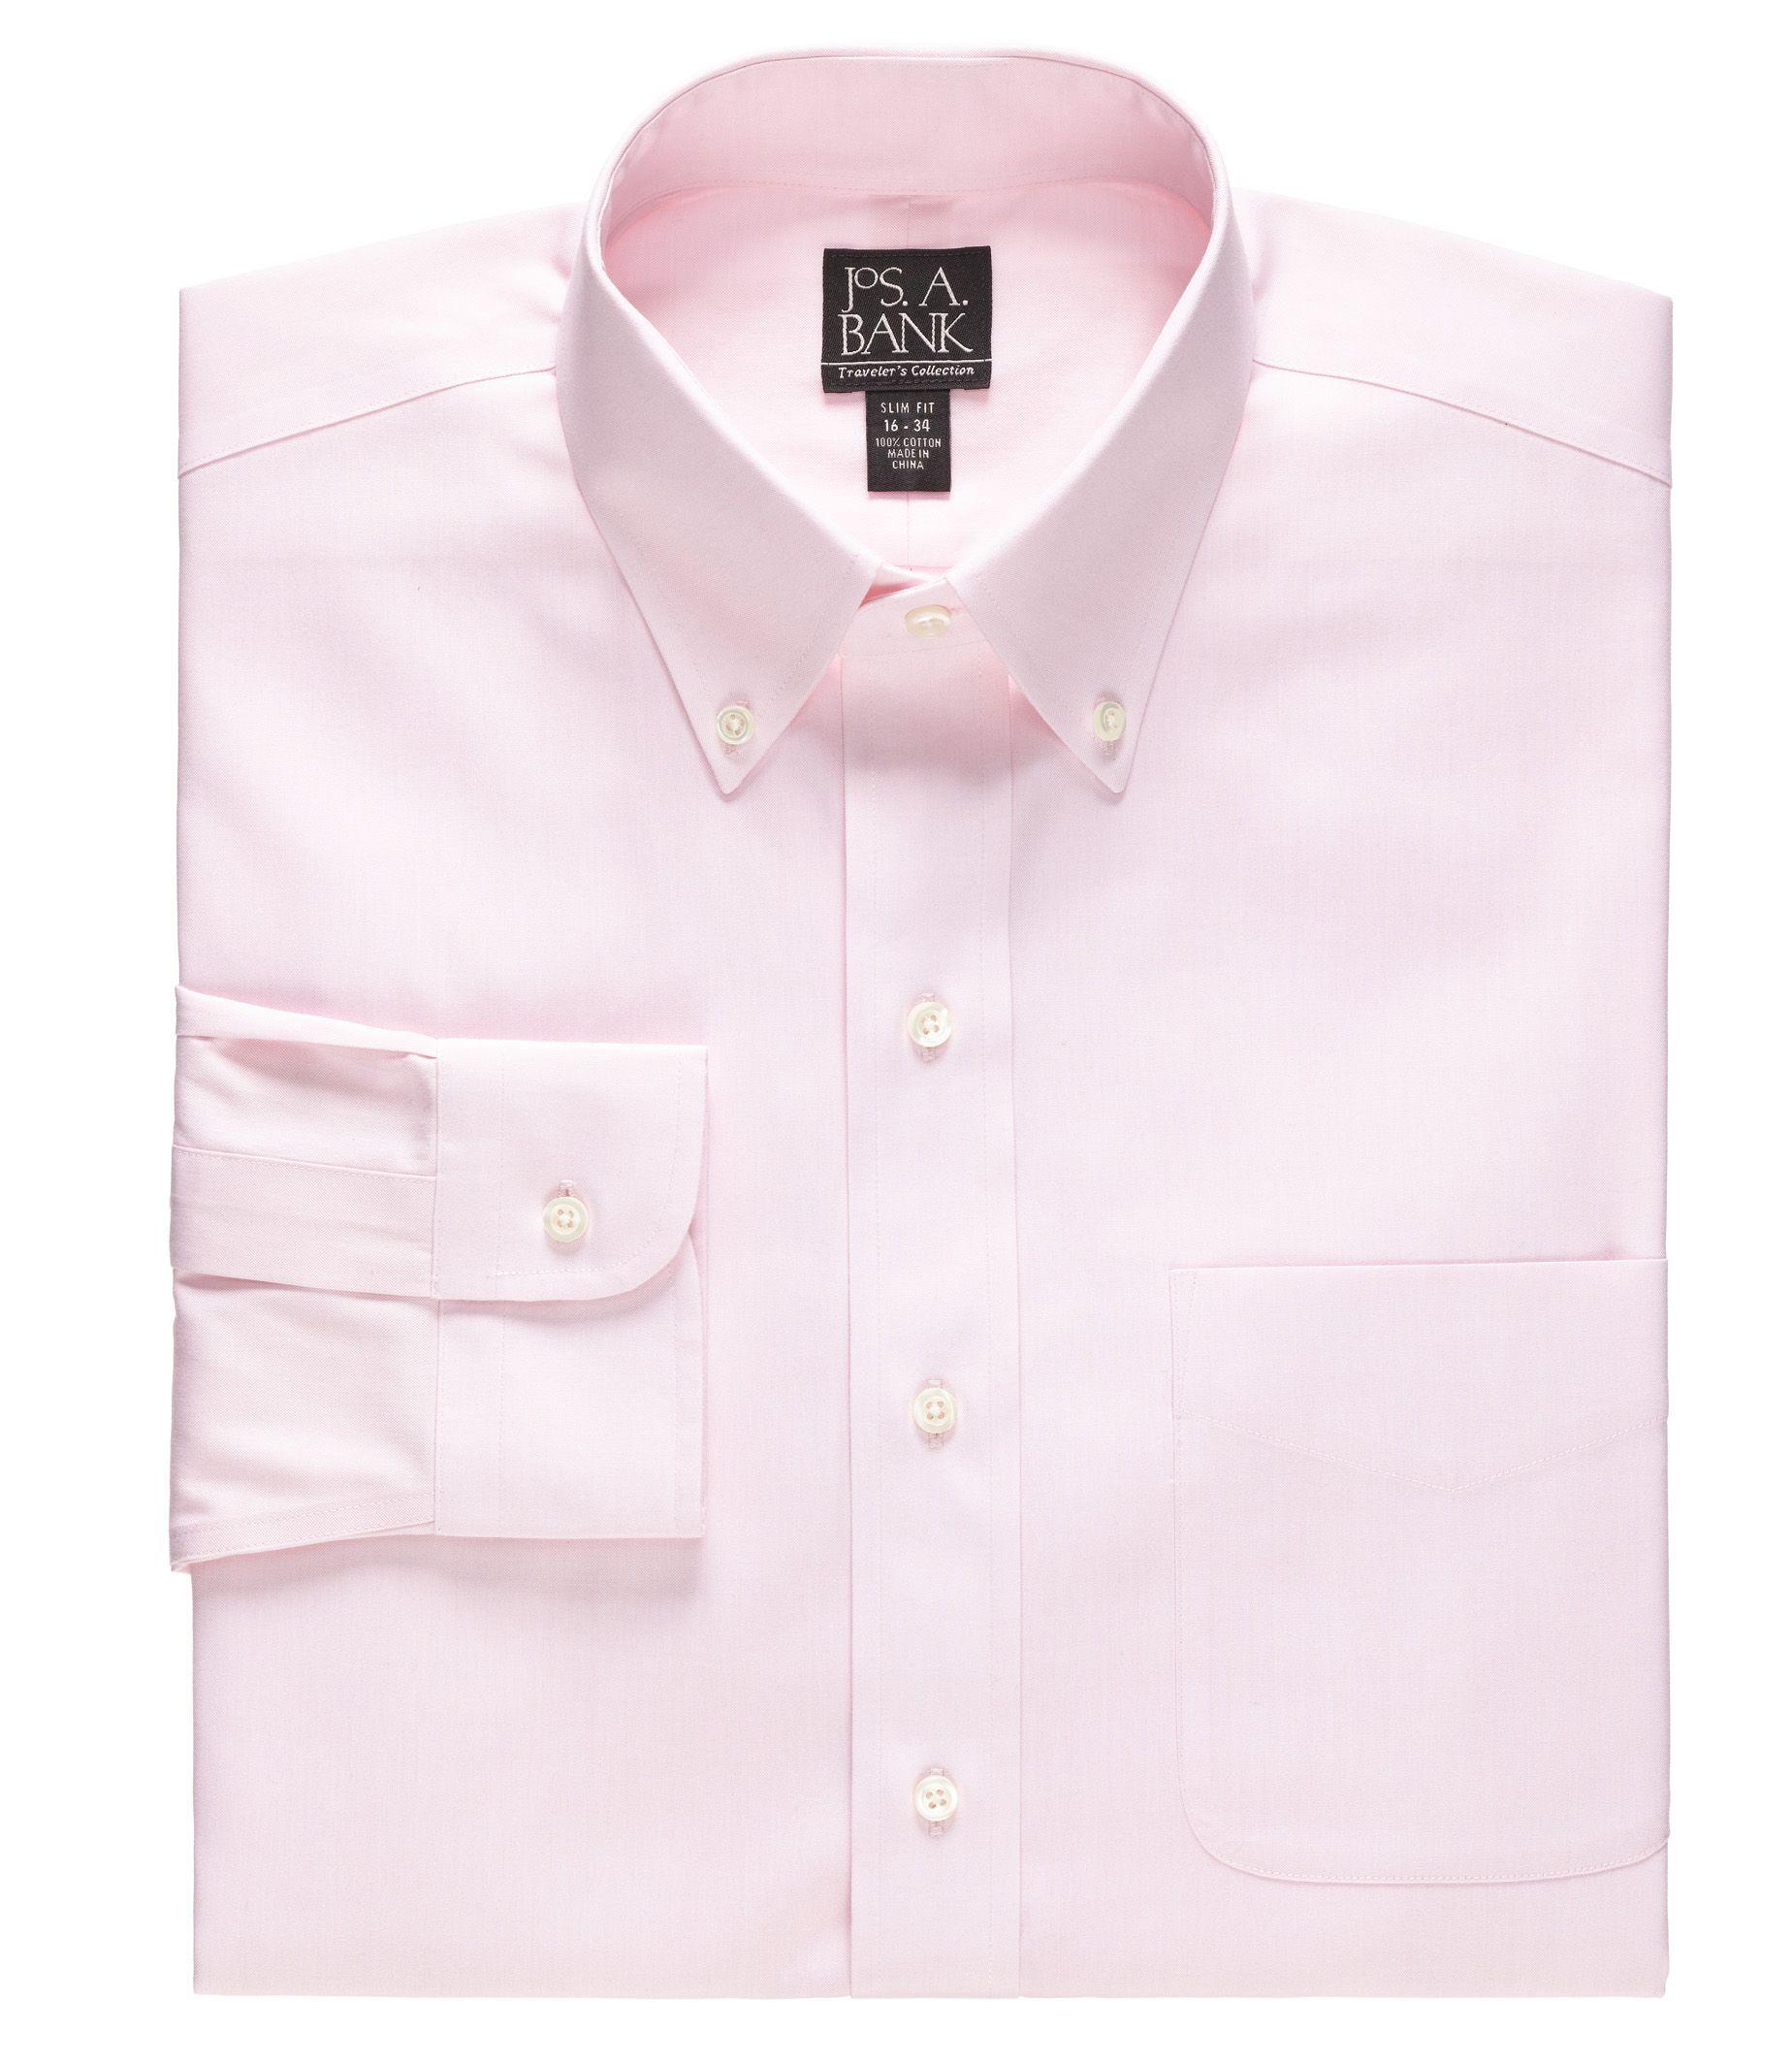 Men's Dress Shirt Light Pink | Dress images